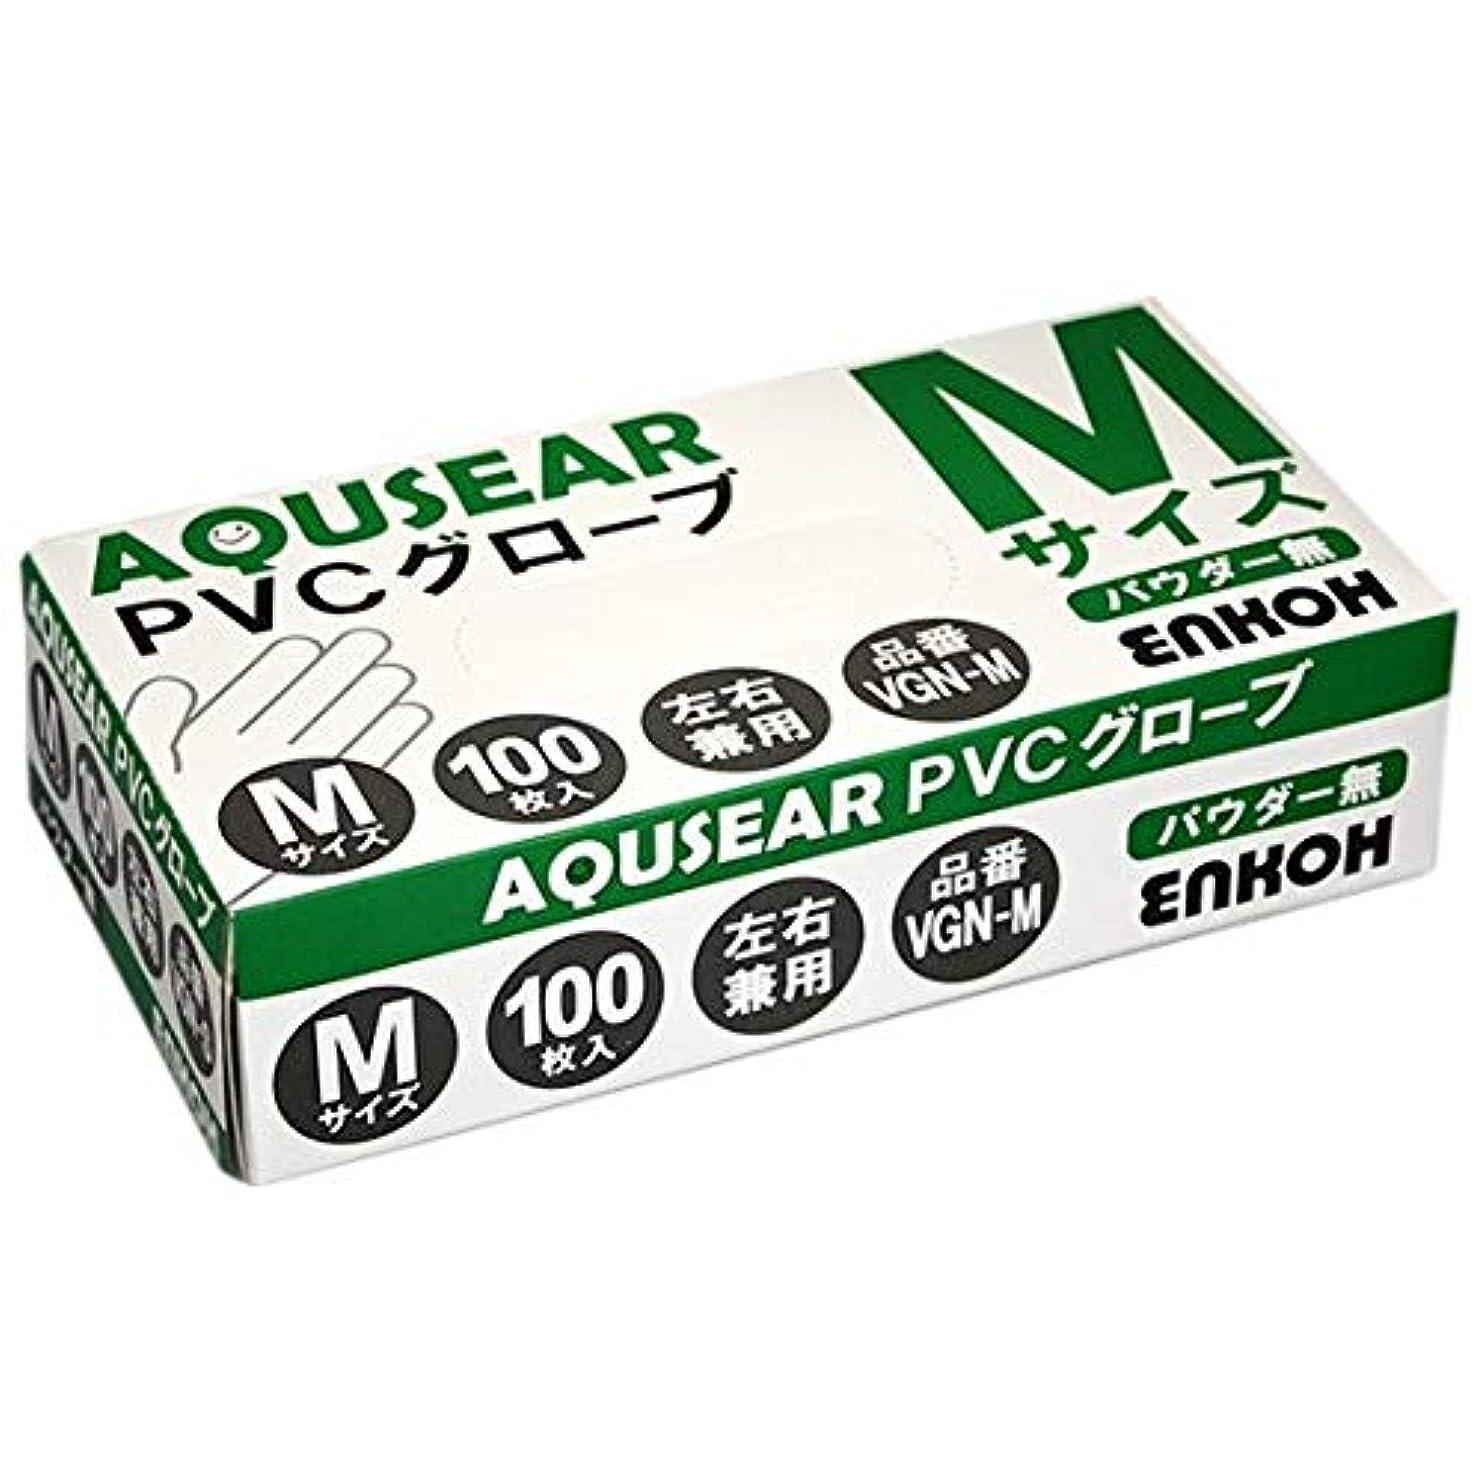 プロフィールお金崖AQUSEAR PVC プラスチックグローブ Mサイズ パウダー無 VGN-M 100枚×20箱